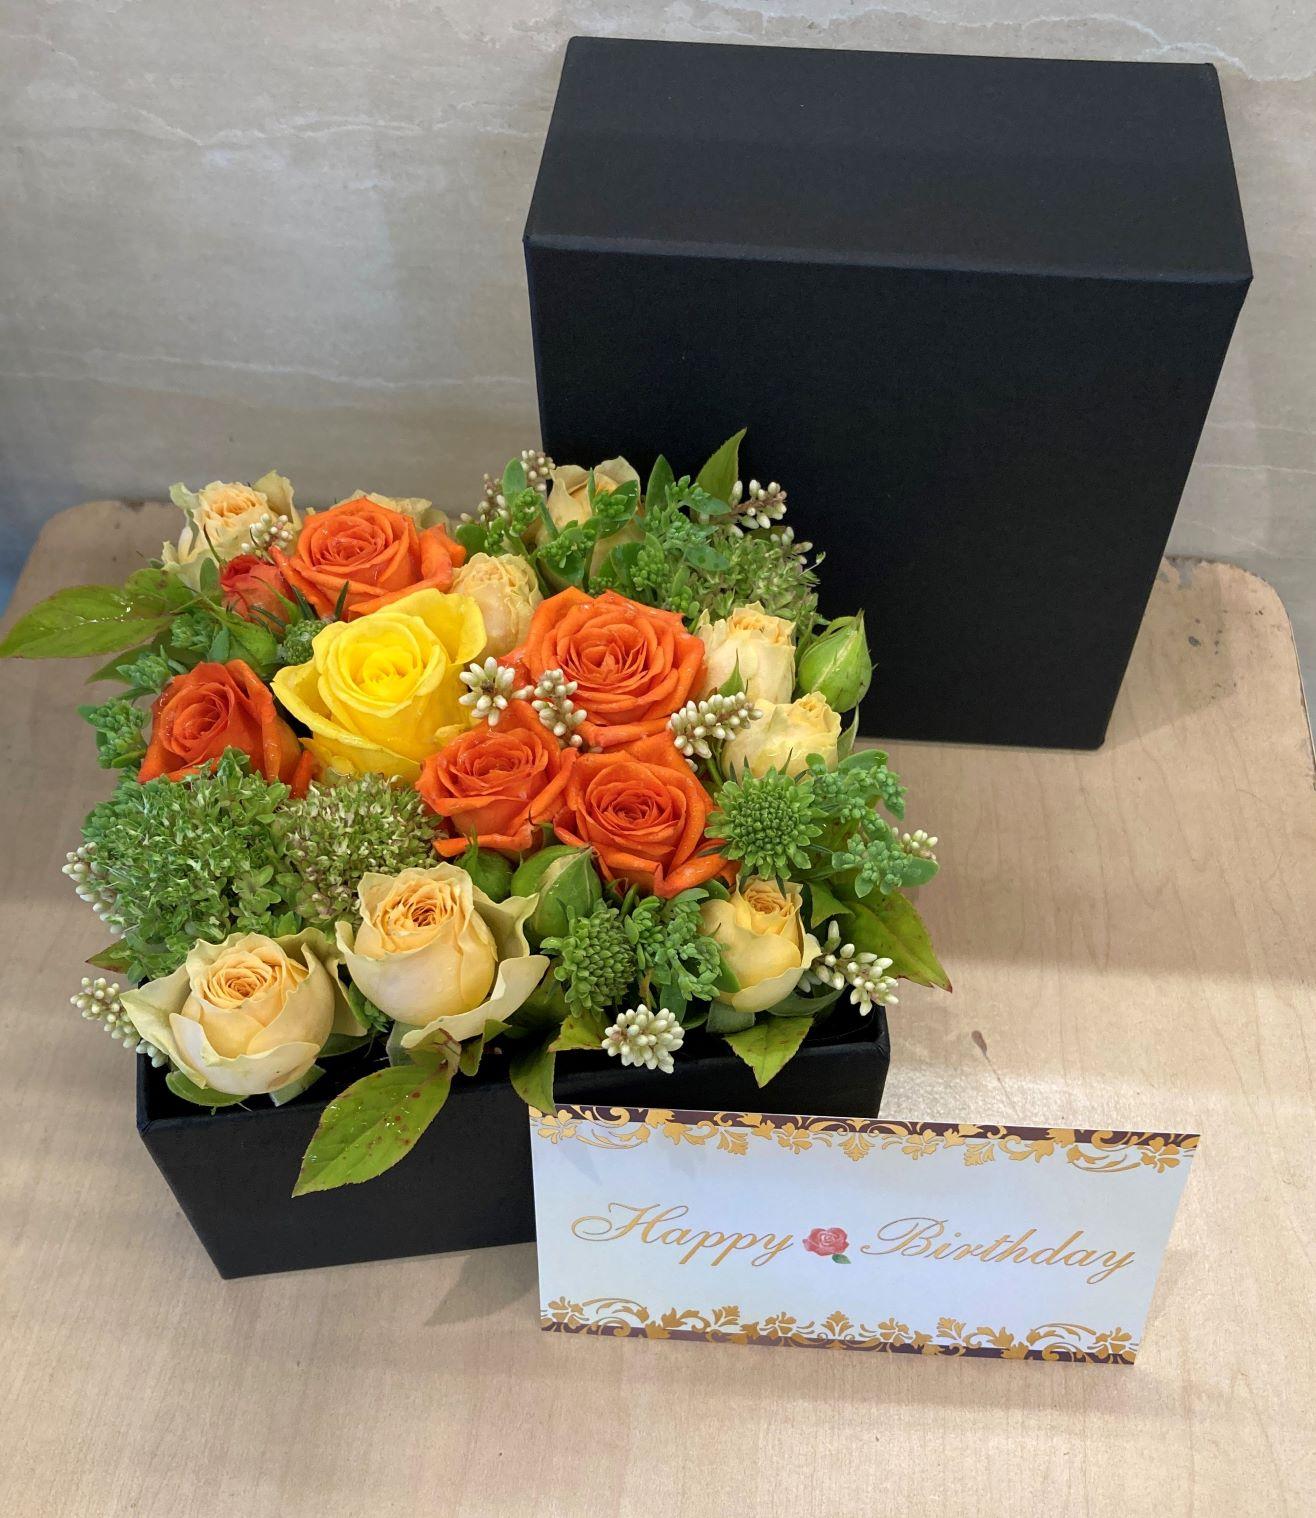 ボックスフラワーを即日当日配送しました。【横浜花屋の花束・スタンド花・胡蝶蘭・バルーン・アレンジメント配達事例907】